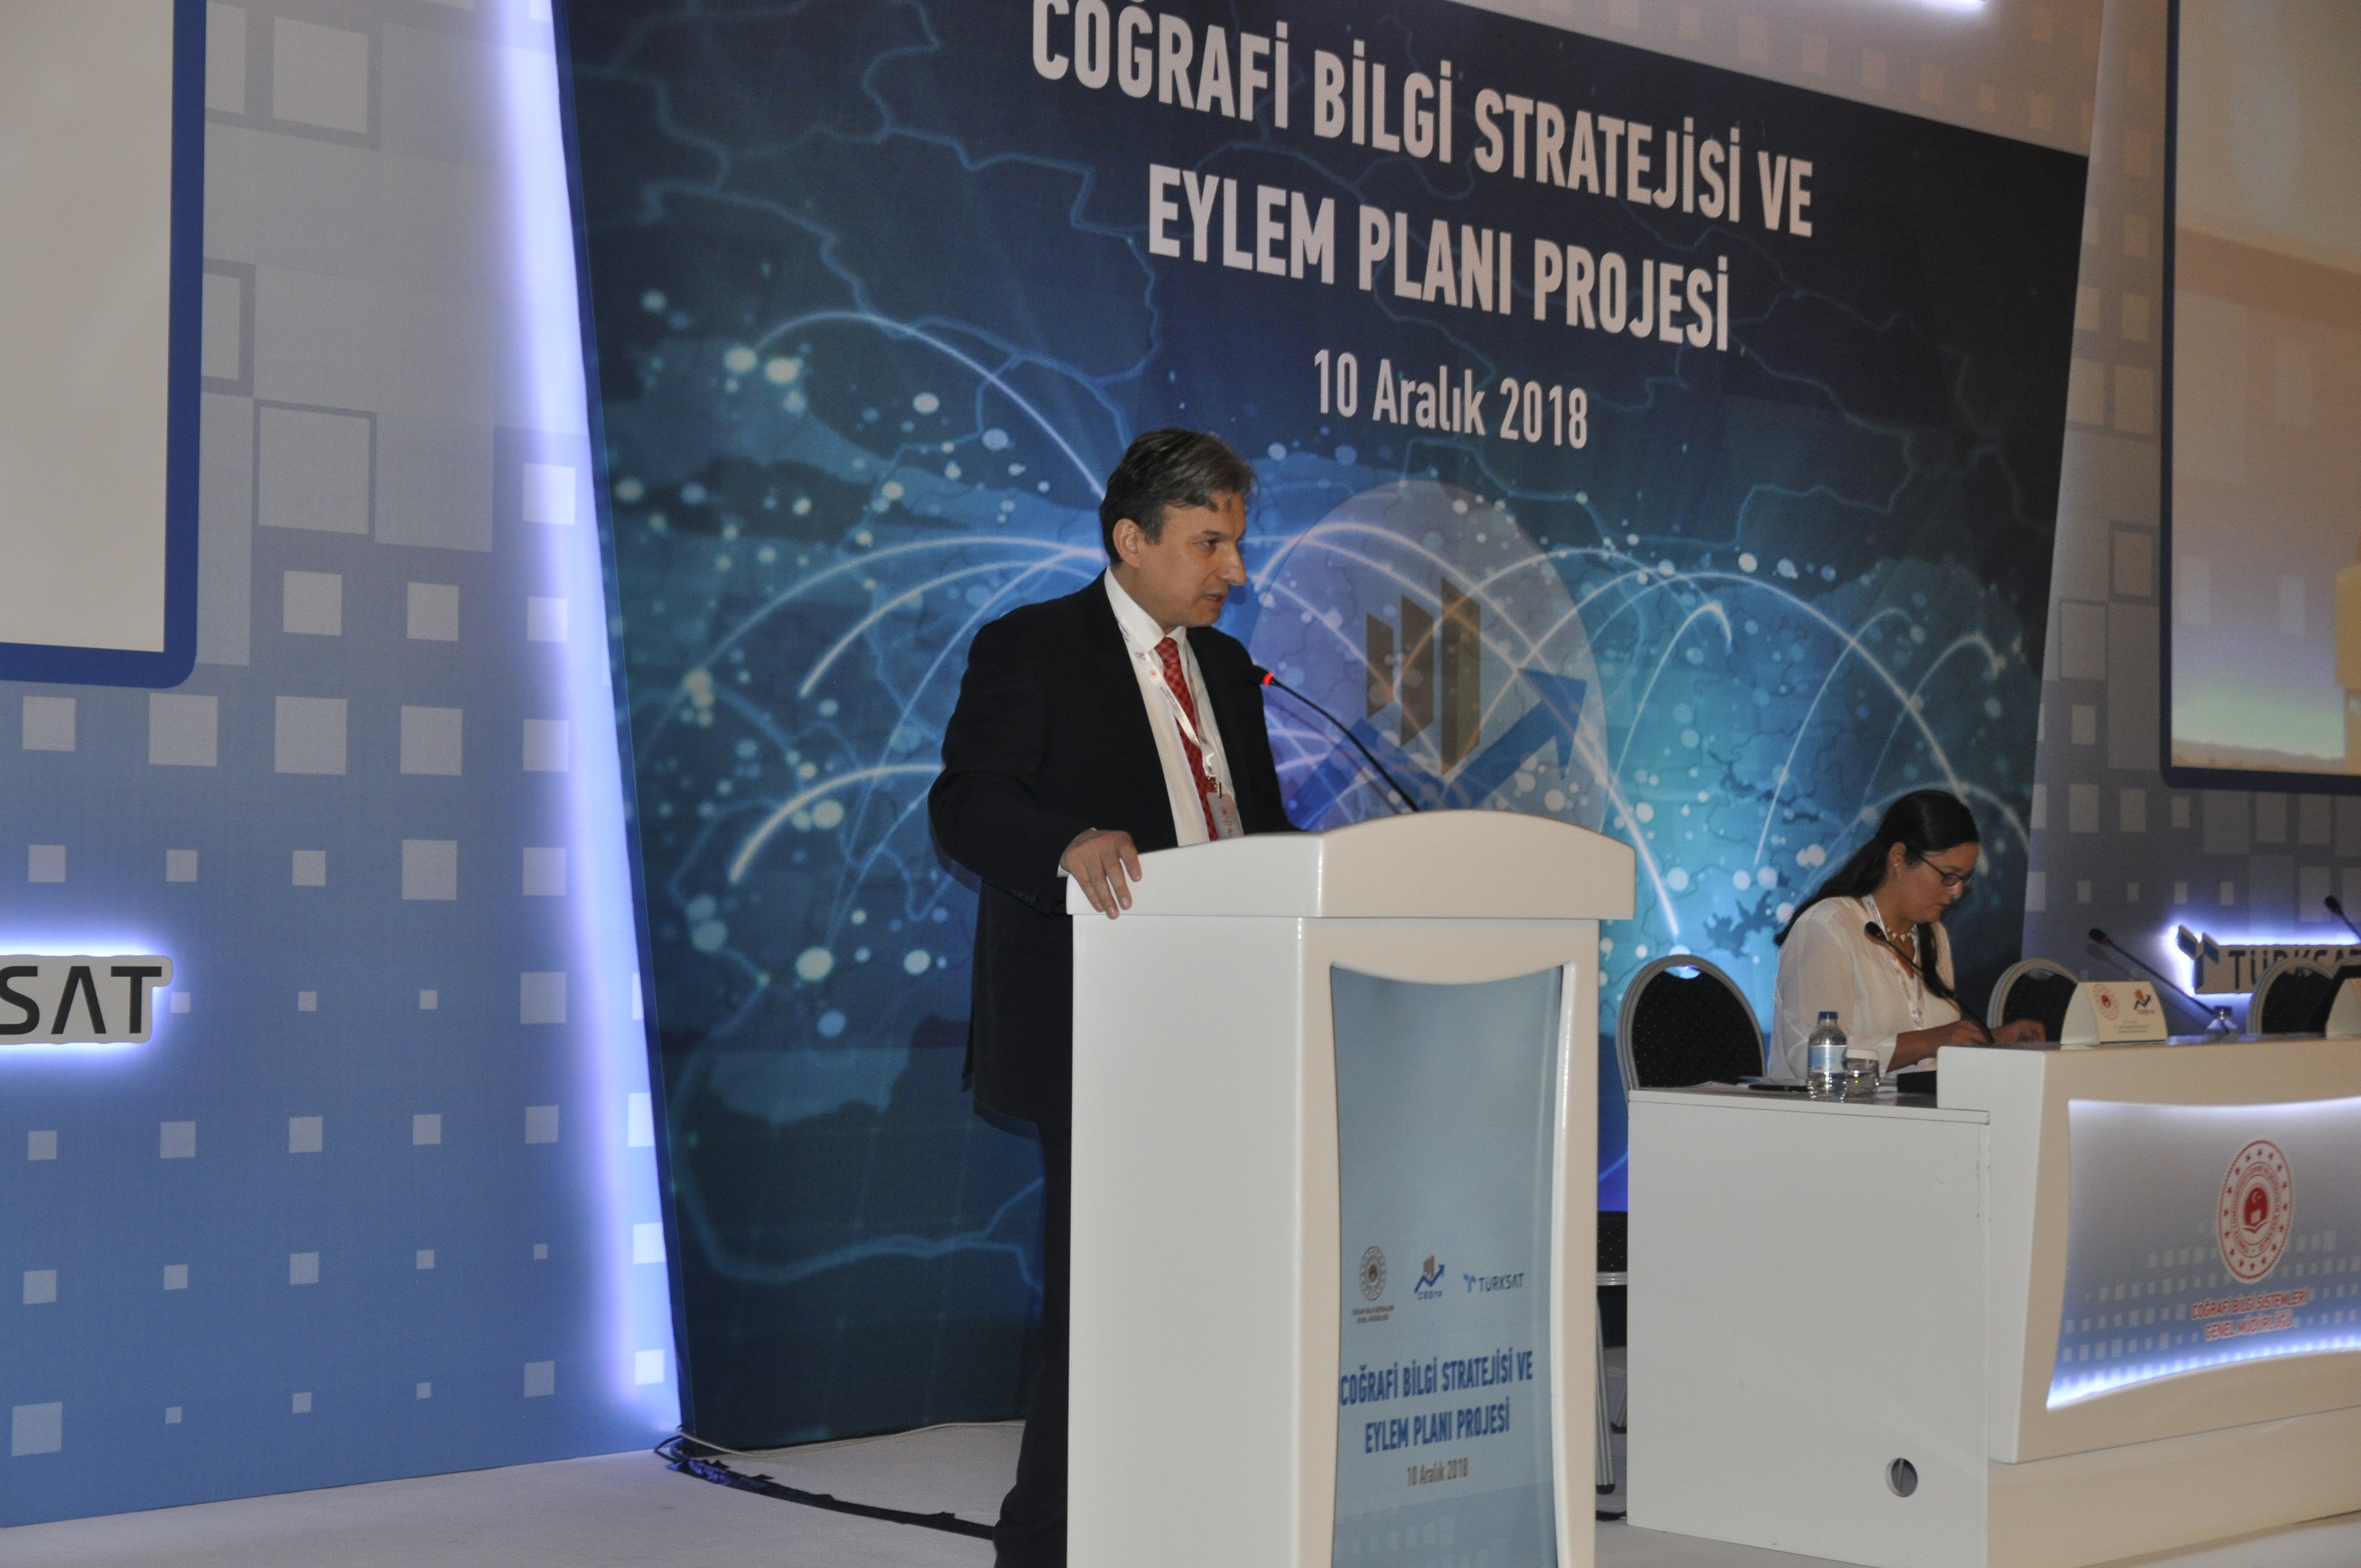 Coğrafi Bilgi Stratejisi ve Eylem Planı Hazırlanması Projesi Paydaş Kurumlar Değerlendirme Toplantısı Yapıldı.